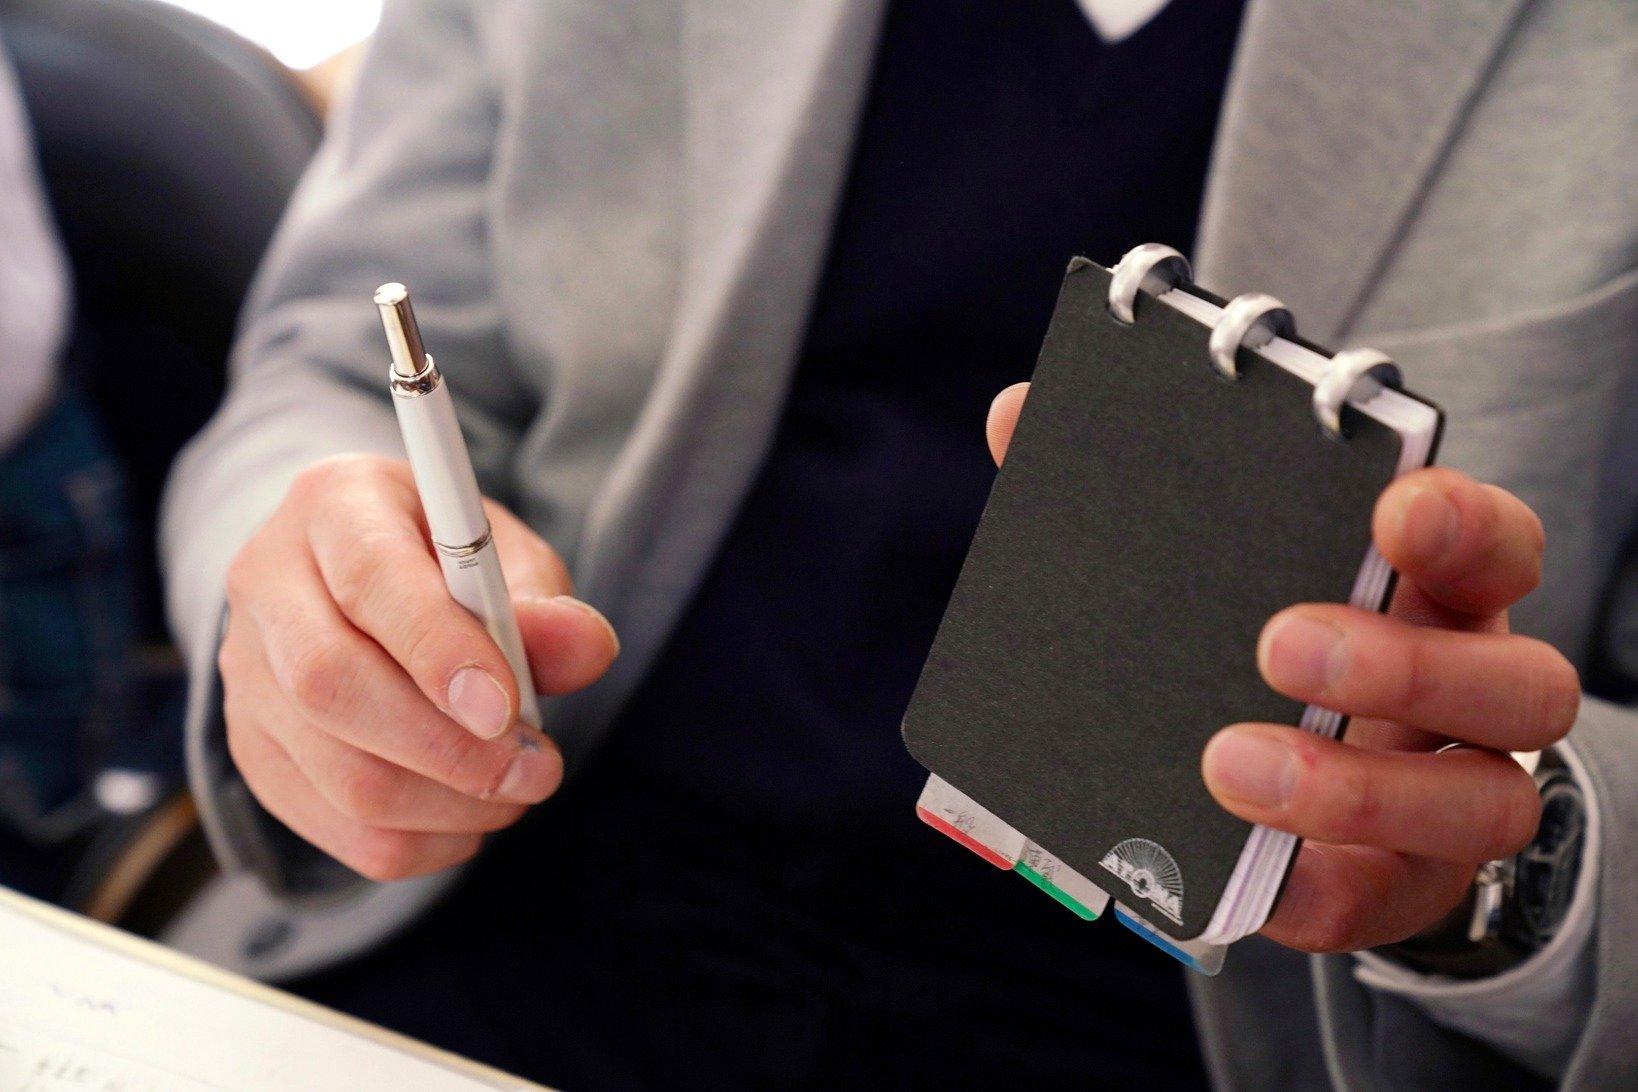 1日やることを書き出すATOMAのメモ帳とパイロット「キャップレス」の組み合わせ。